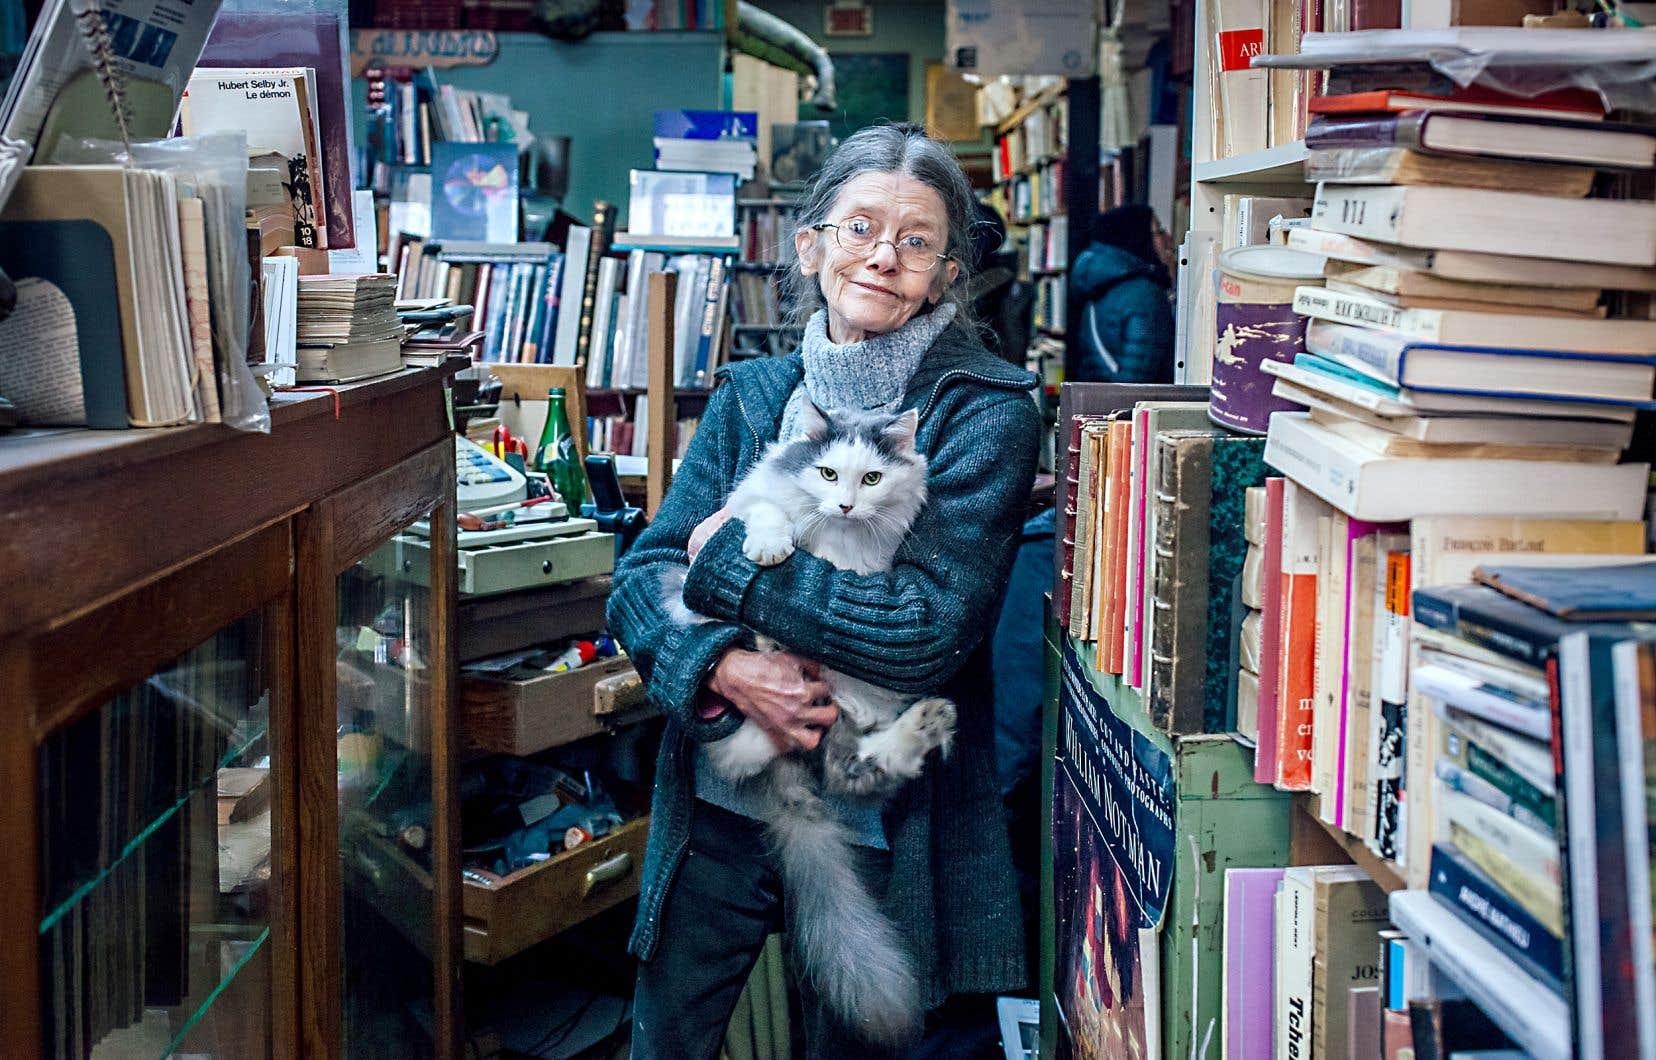 C'est Hélène Piché, compagne pendant presque 40ans du libraire Richard Gingras, qui tient la barre du Chercheur de trésors depuis le décès subit de ce dernier, en 2017. Dans ses bras, Métisse le chat, qui refuse de quitter les lieux et les livres.